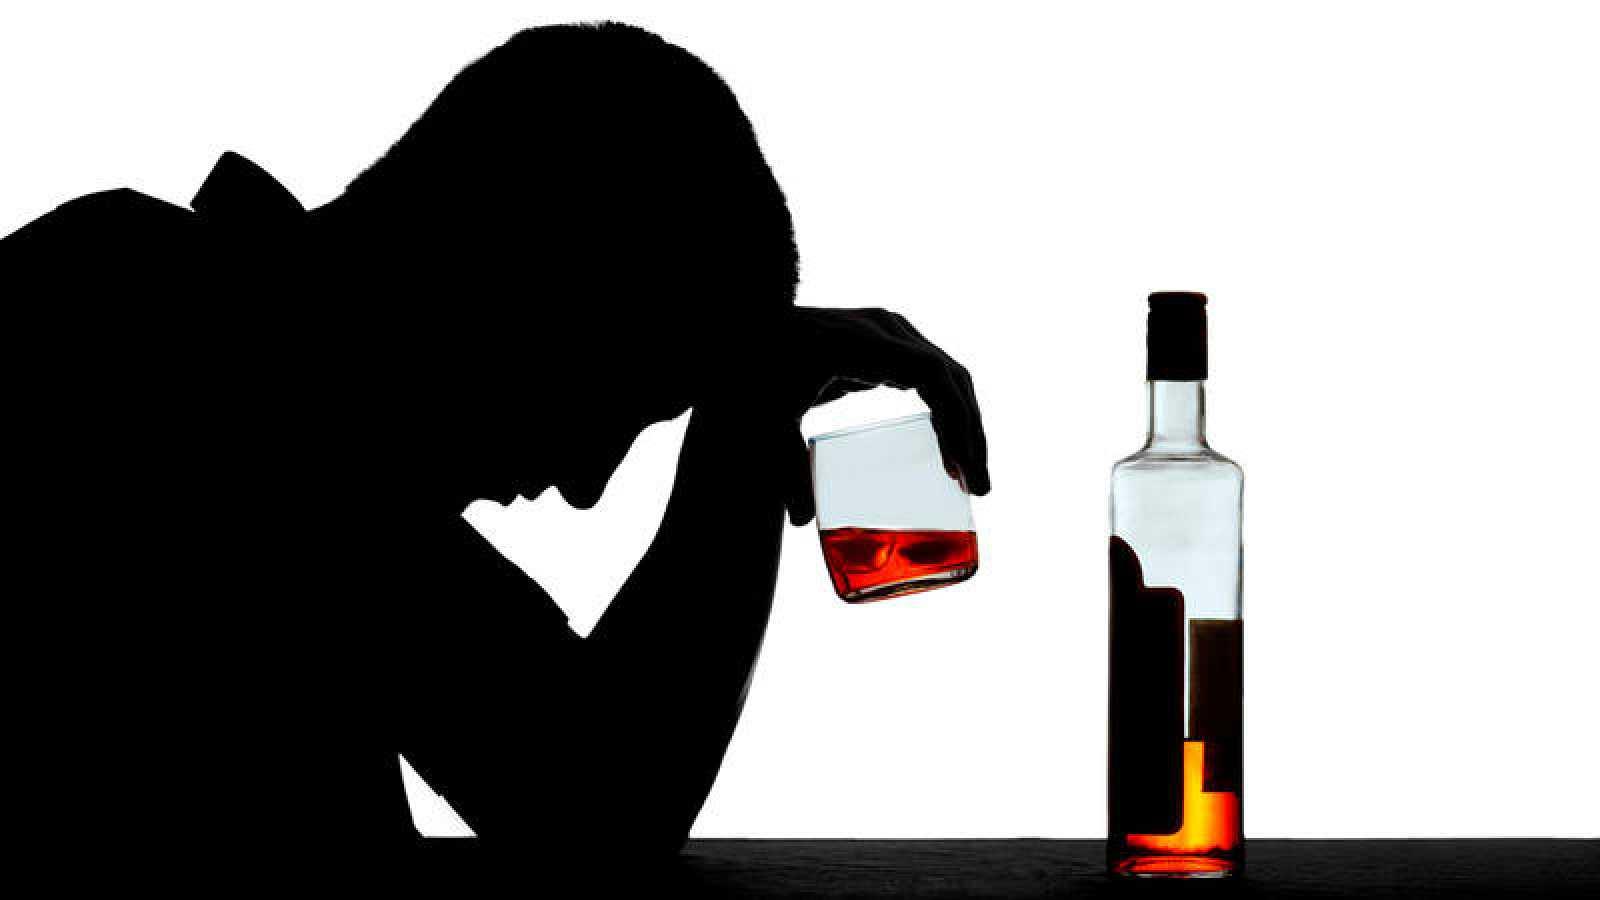 El alcohol es la droga más consumida por jóvenes y adultos en nuestra sociedad.